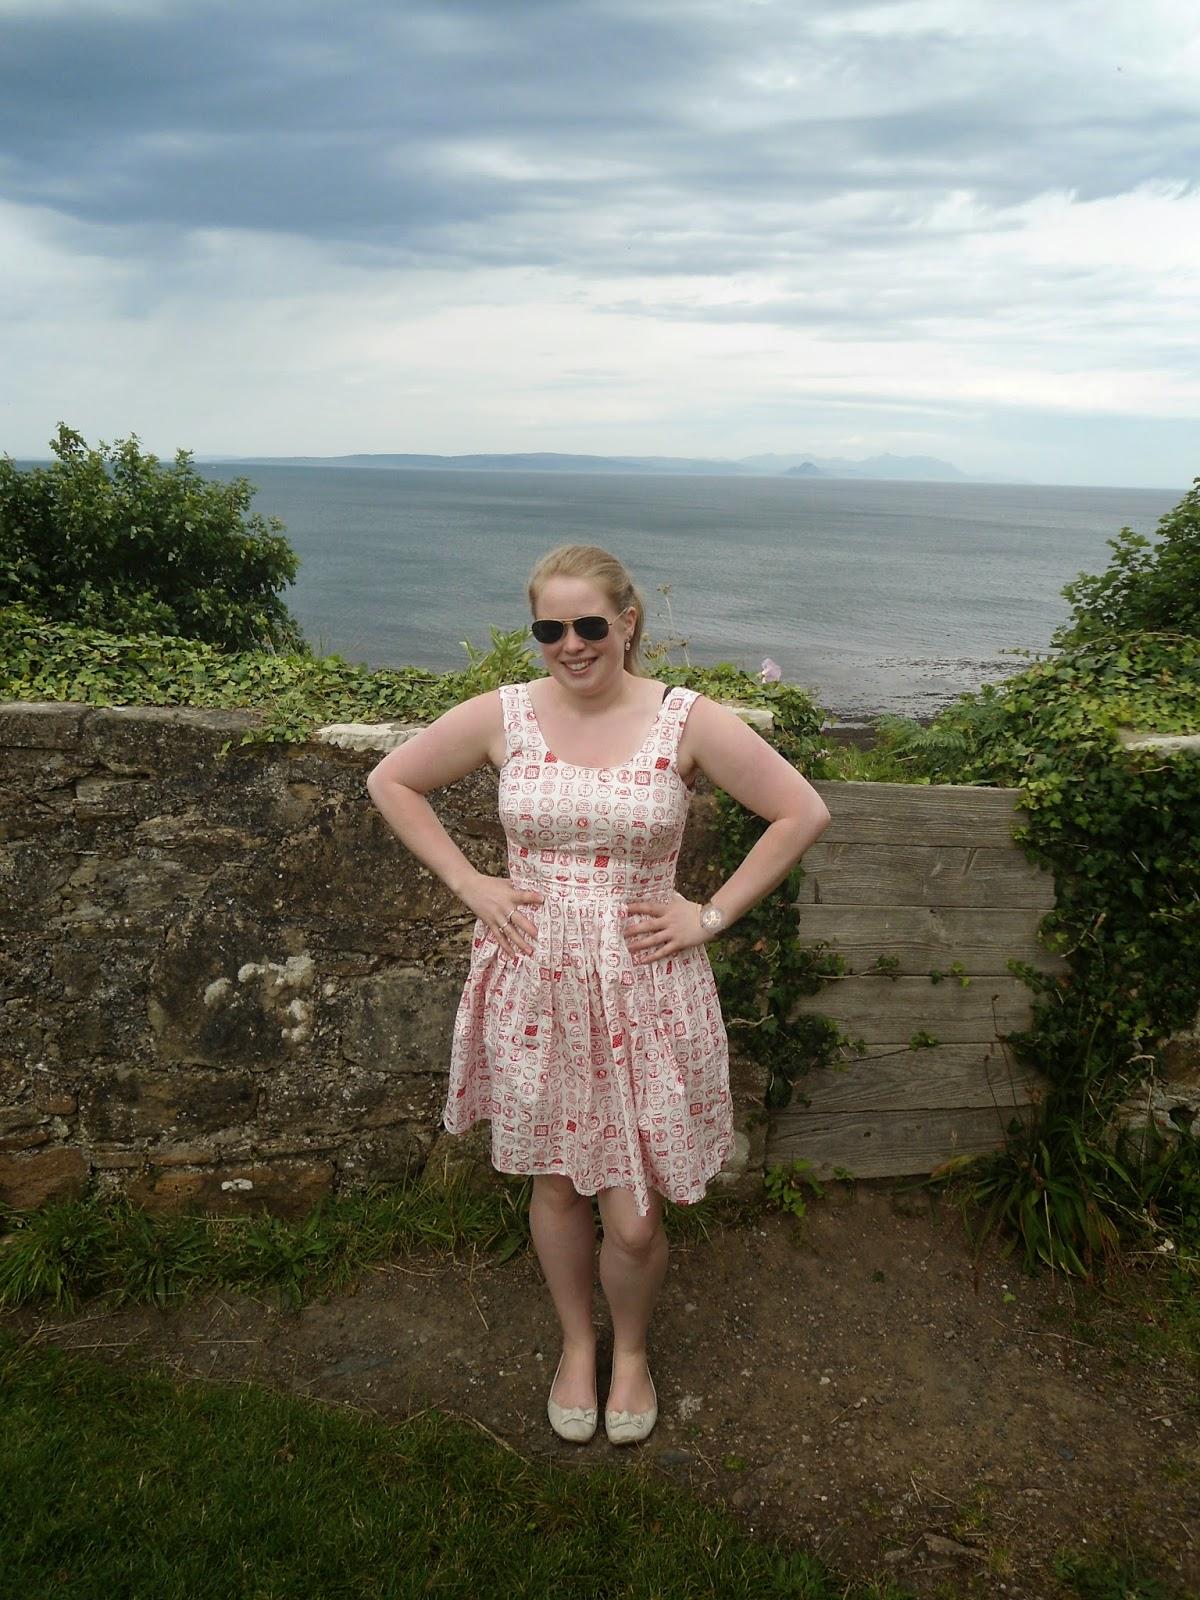 http://jennifercatherineshaw.blogspot.com/2014/07/tilly-and-buttons-lilou-dress.html